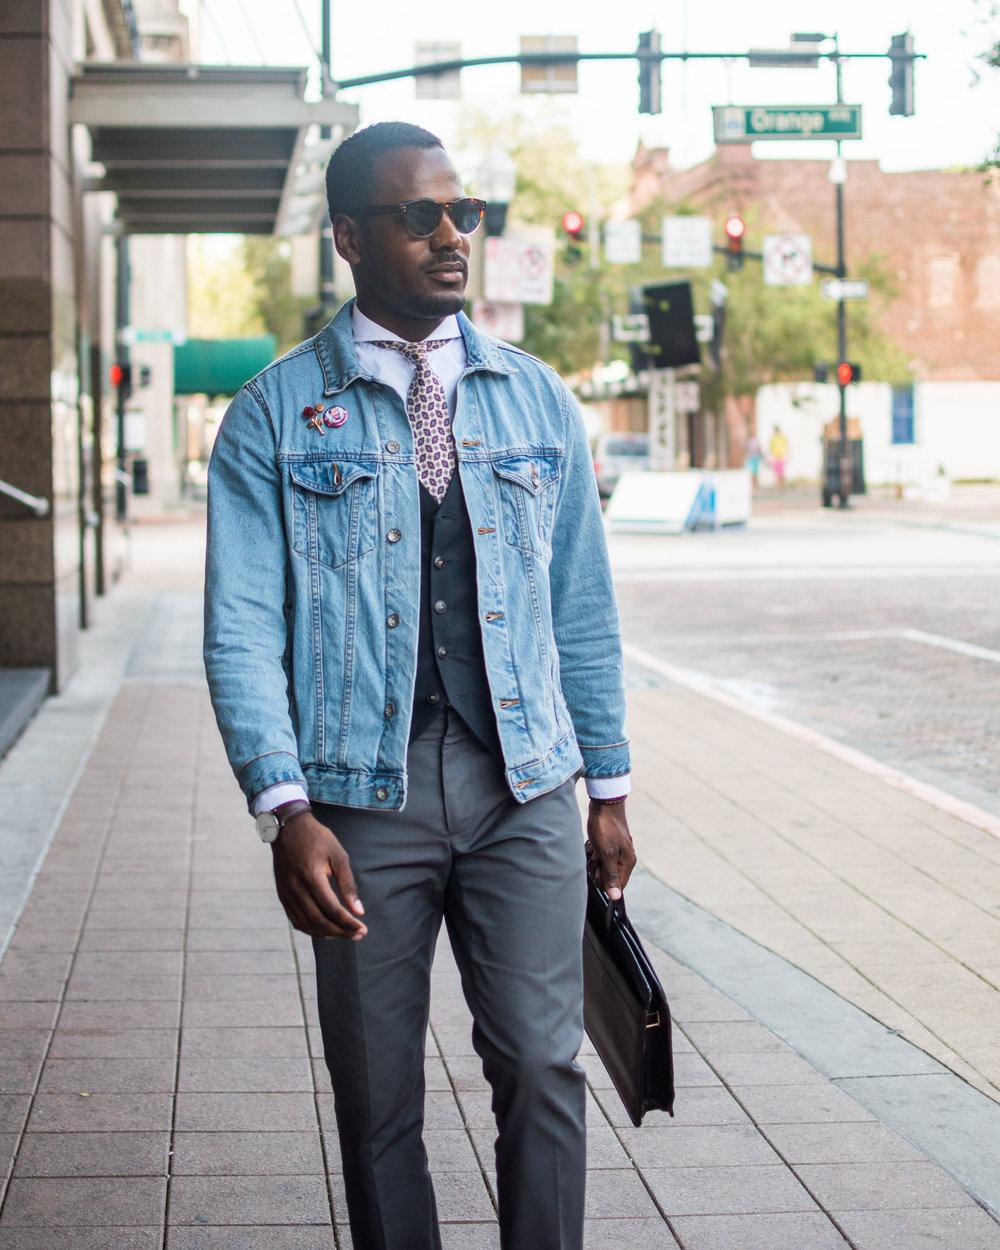 Denim Jacket Streetwear Menswear.jpg